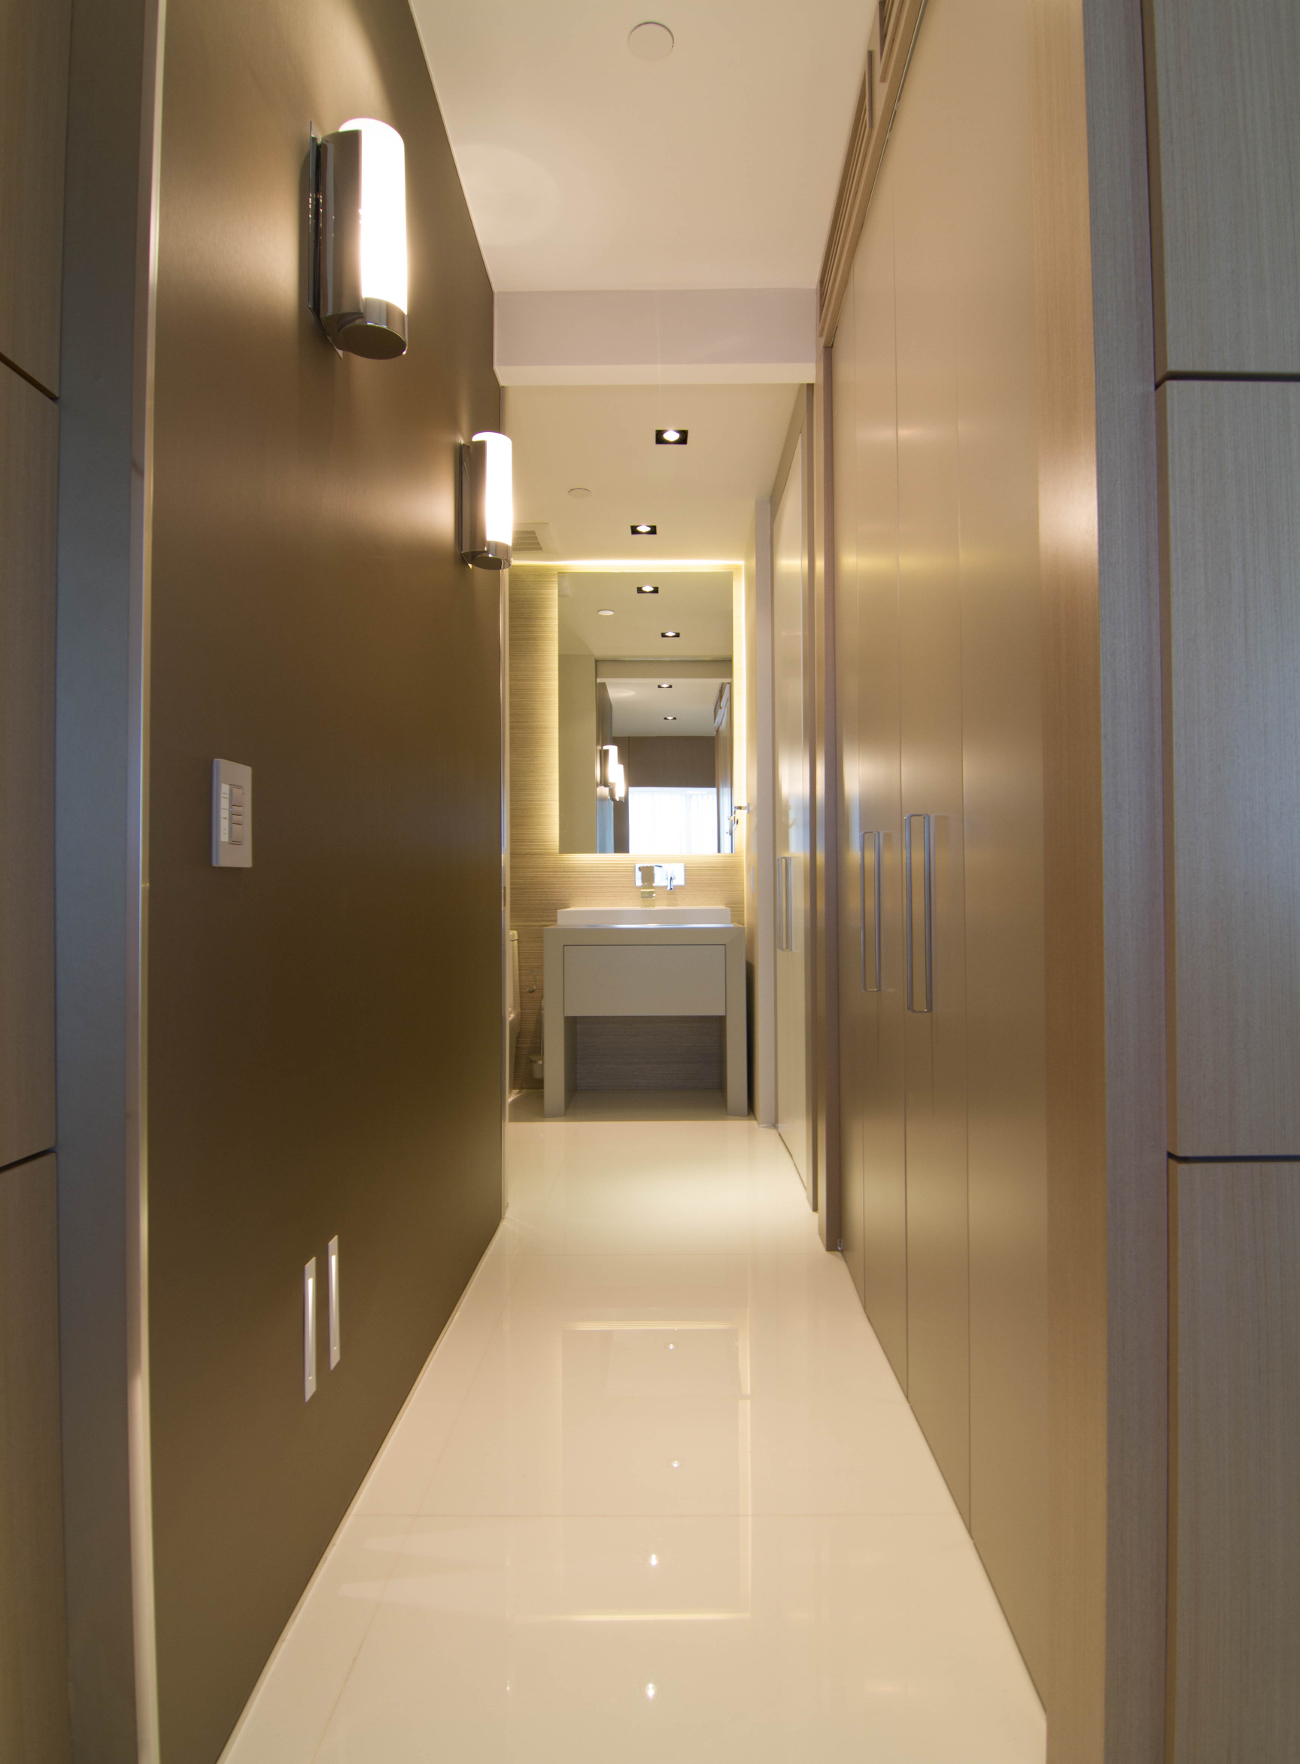 dolce-vita-design-interior-designer-miami-fl-florida-kenilworth-9-rsc